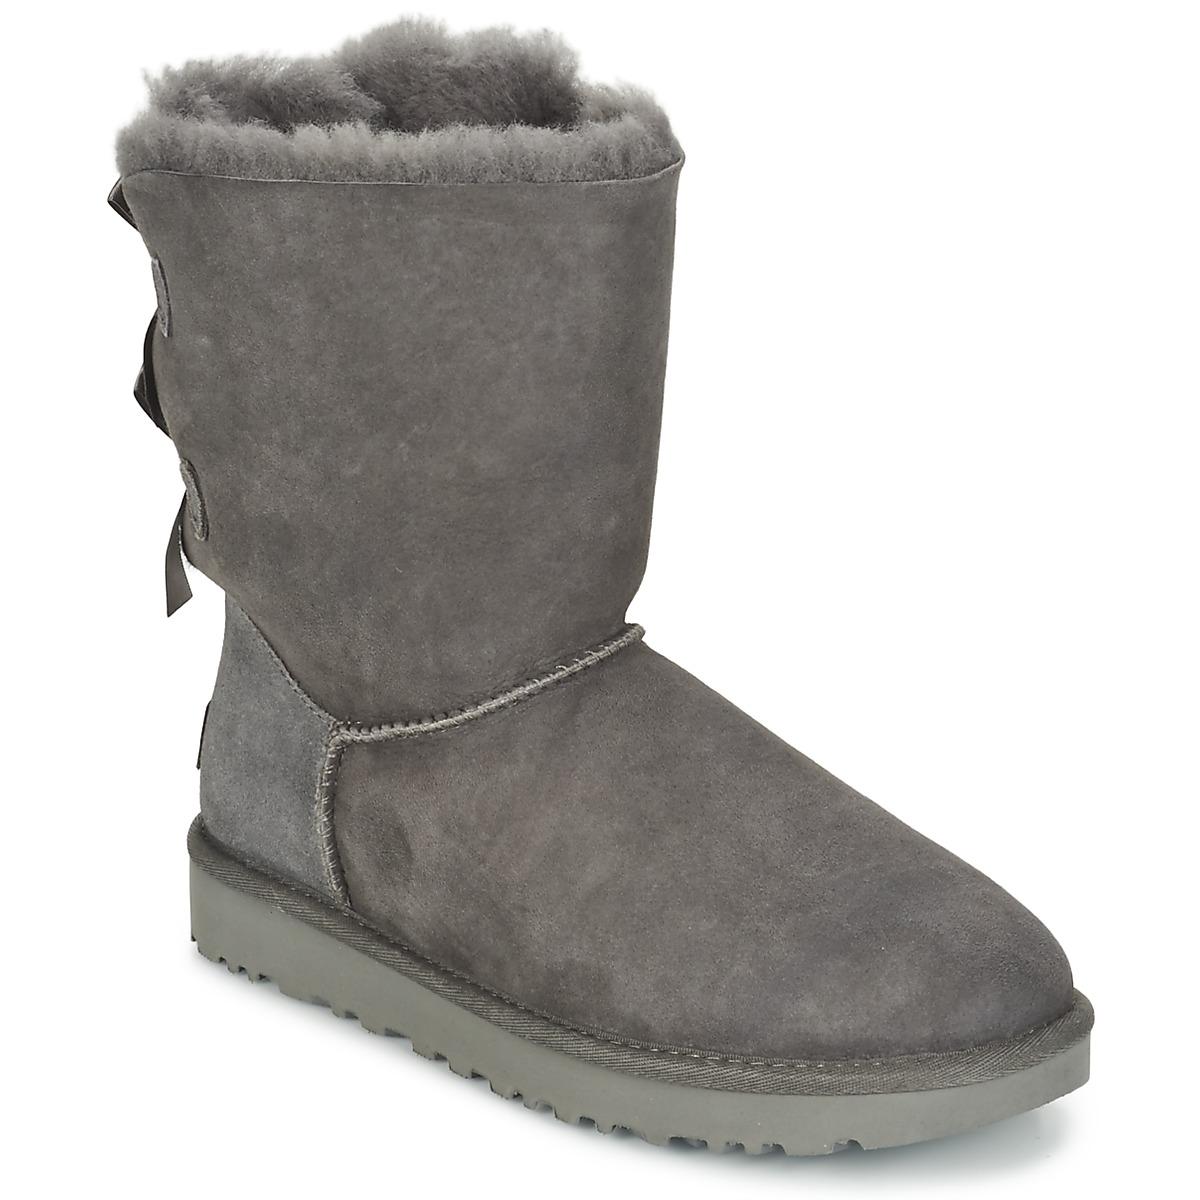 d685b91867b UGG Chaussures, Sacs, Accessoires-textile - Livraison Gratuite | Spartoo